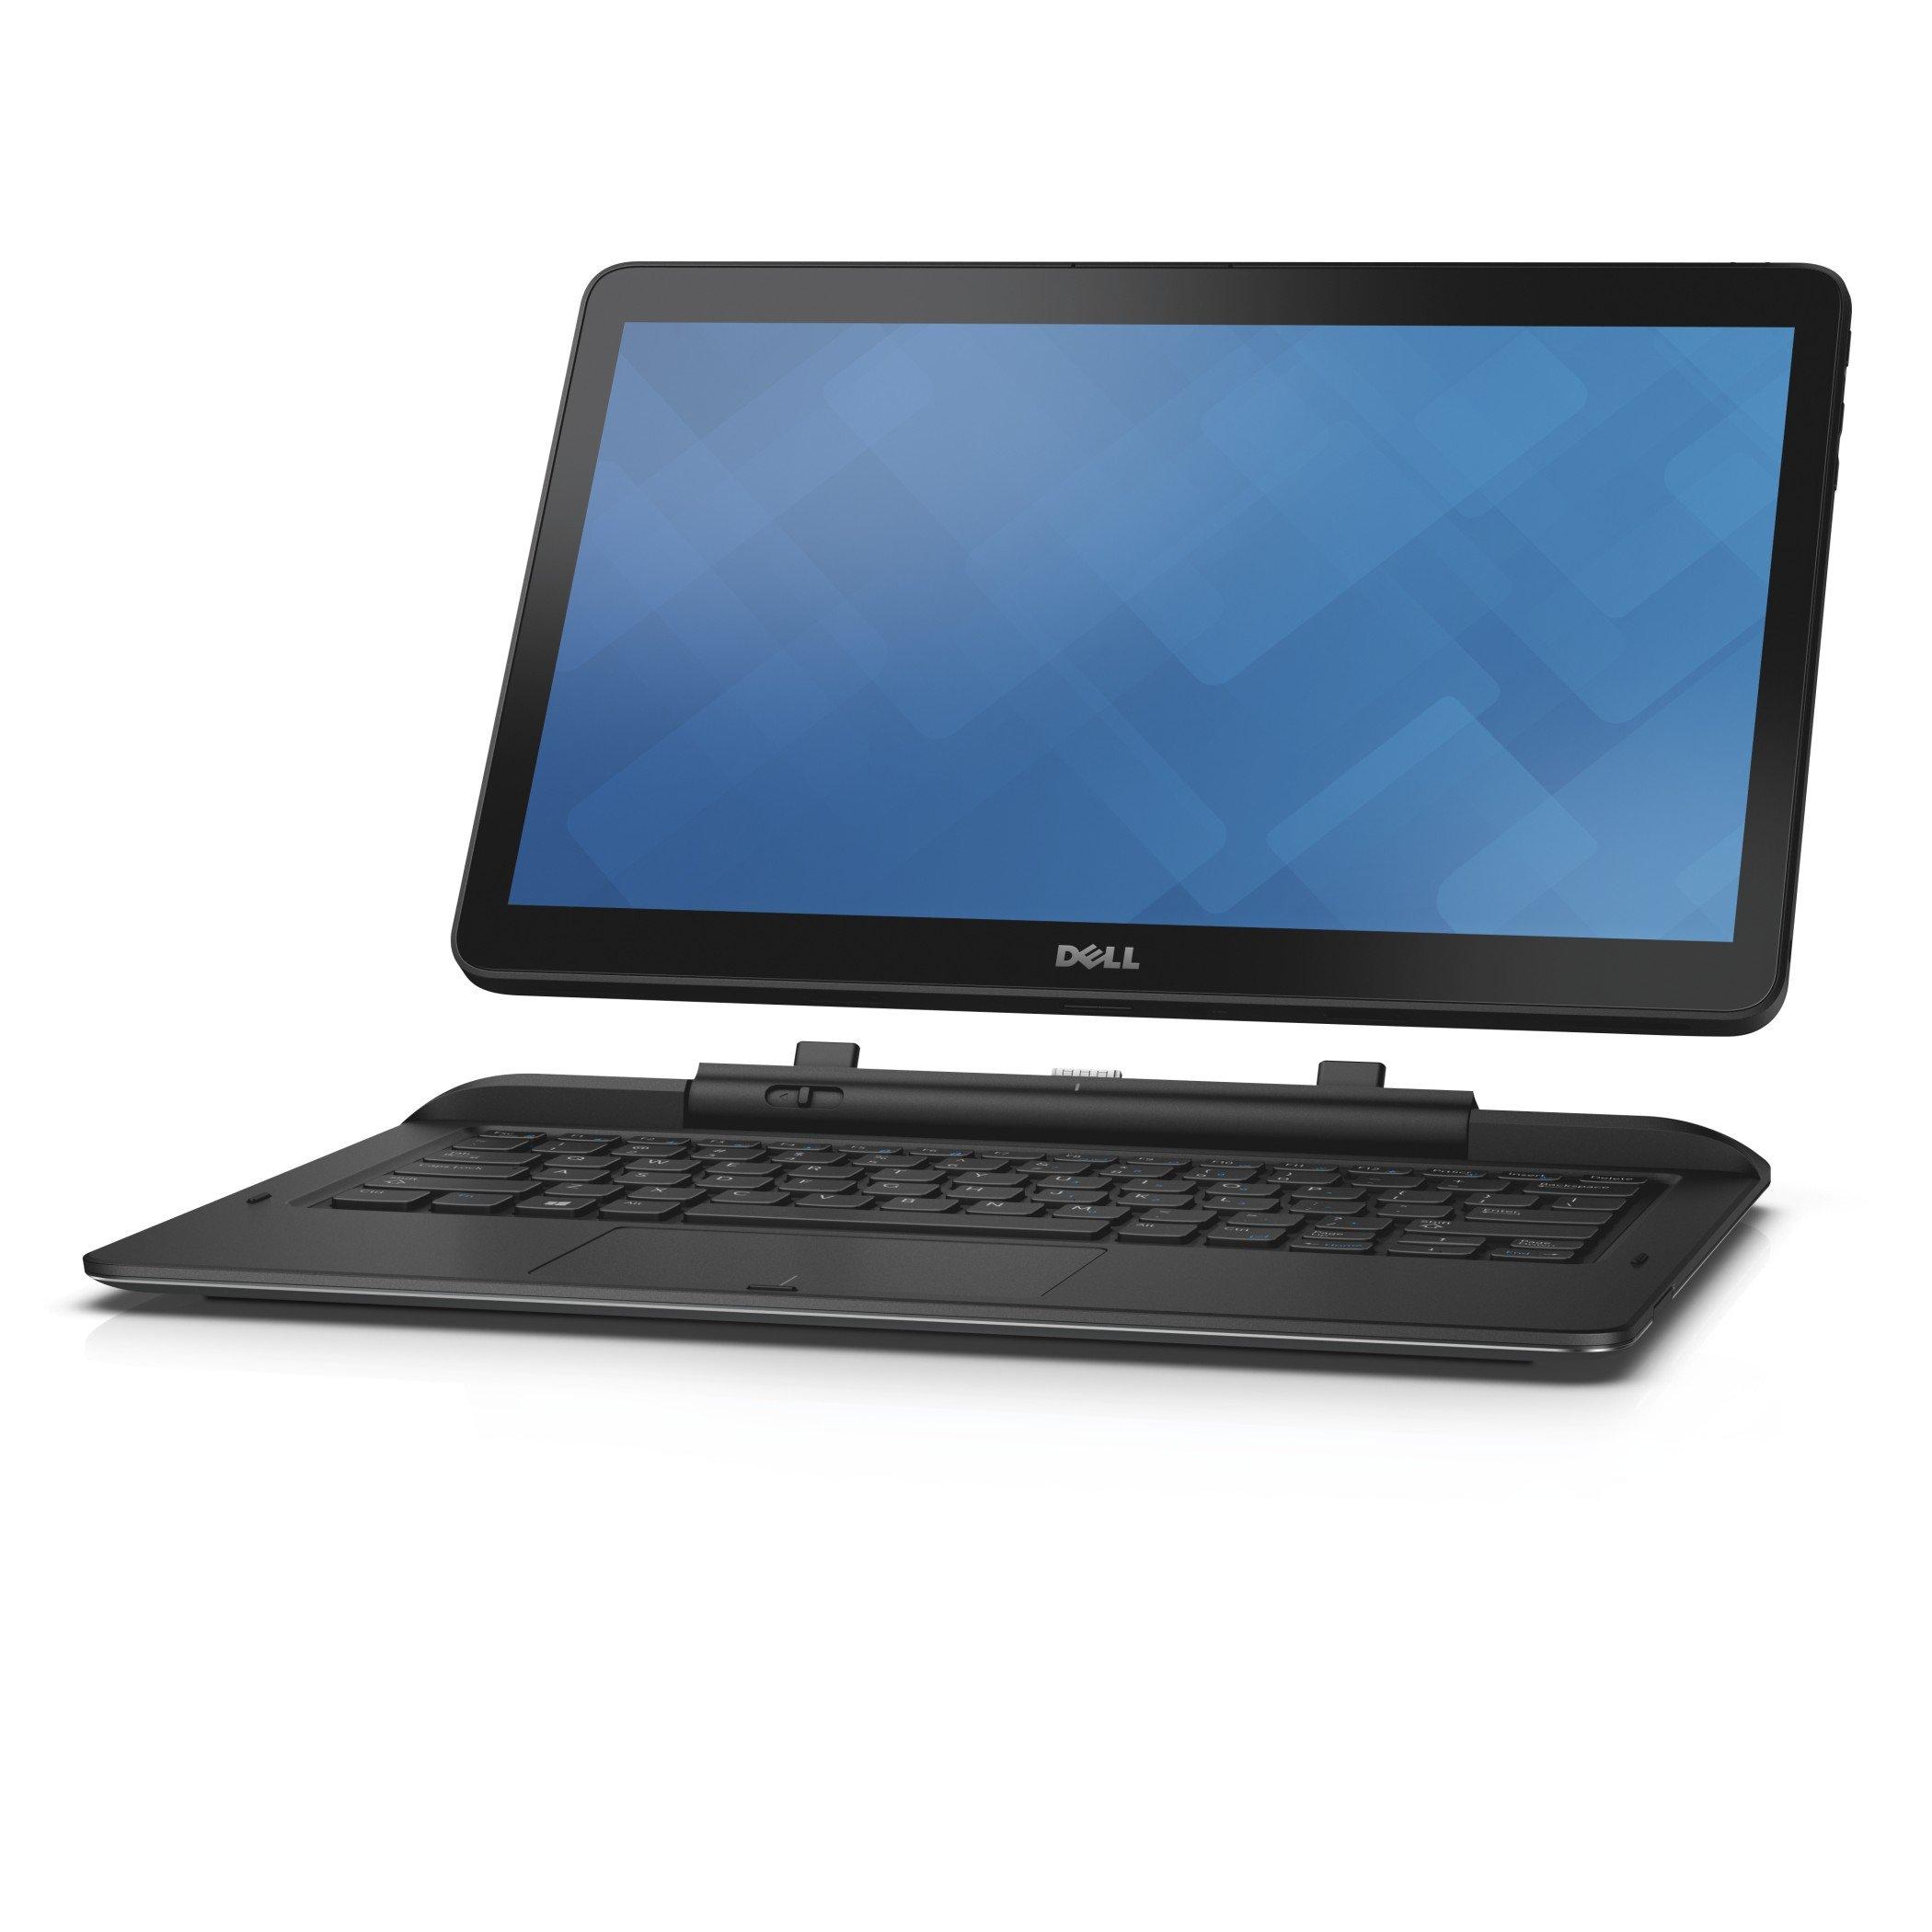 Dell Latitude 13 7000 7350 2 In 1 Ultrabook Astringo